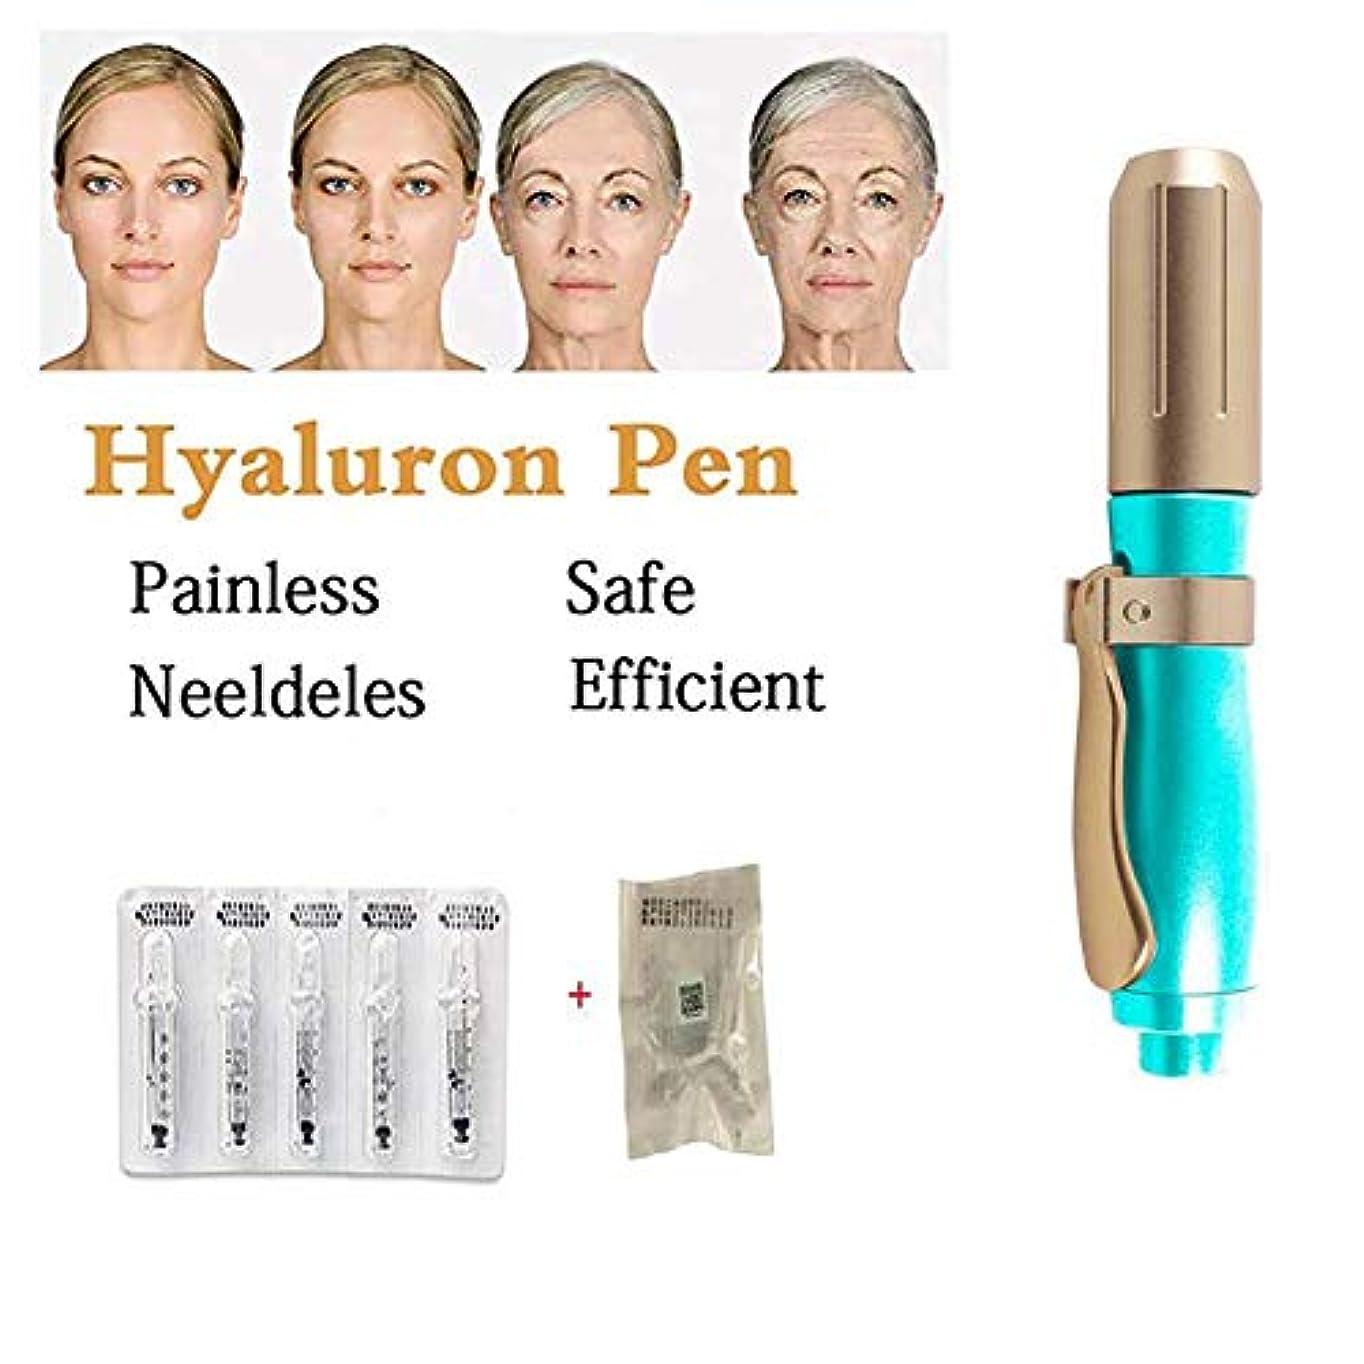 ベリー通行料金たっぷり携帯用非侵襲的な噴霧器、ヒアルロン酸の注入のペンのヒアルロンのペンの高圧酸銃の反しわ水美機械